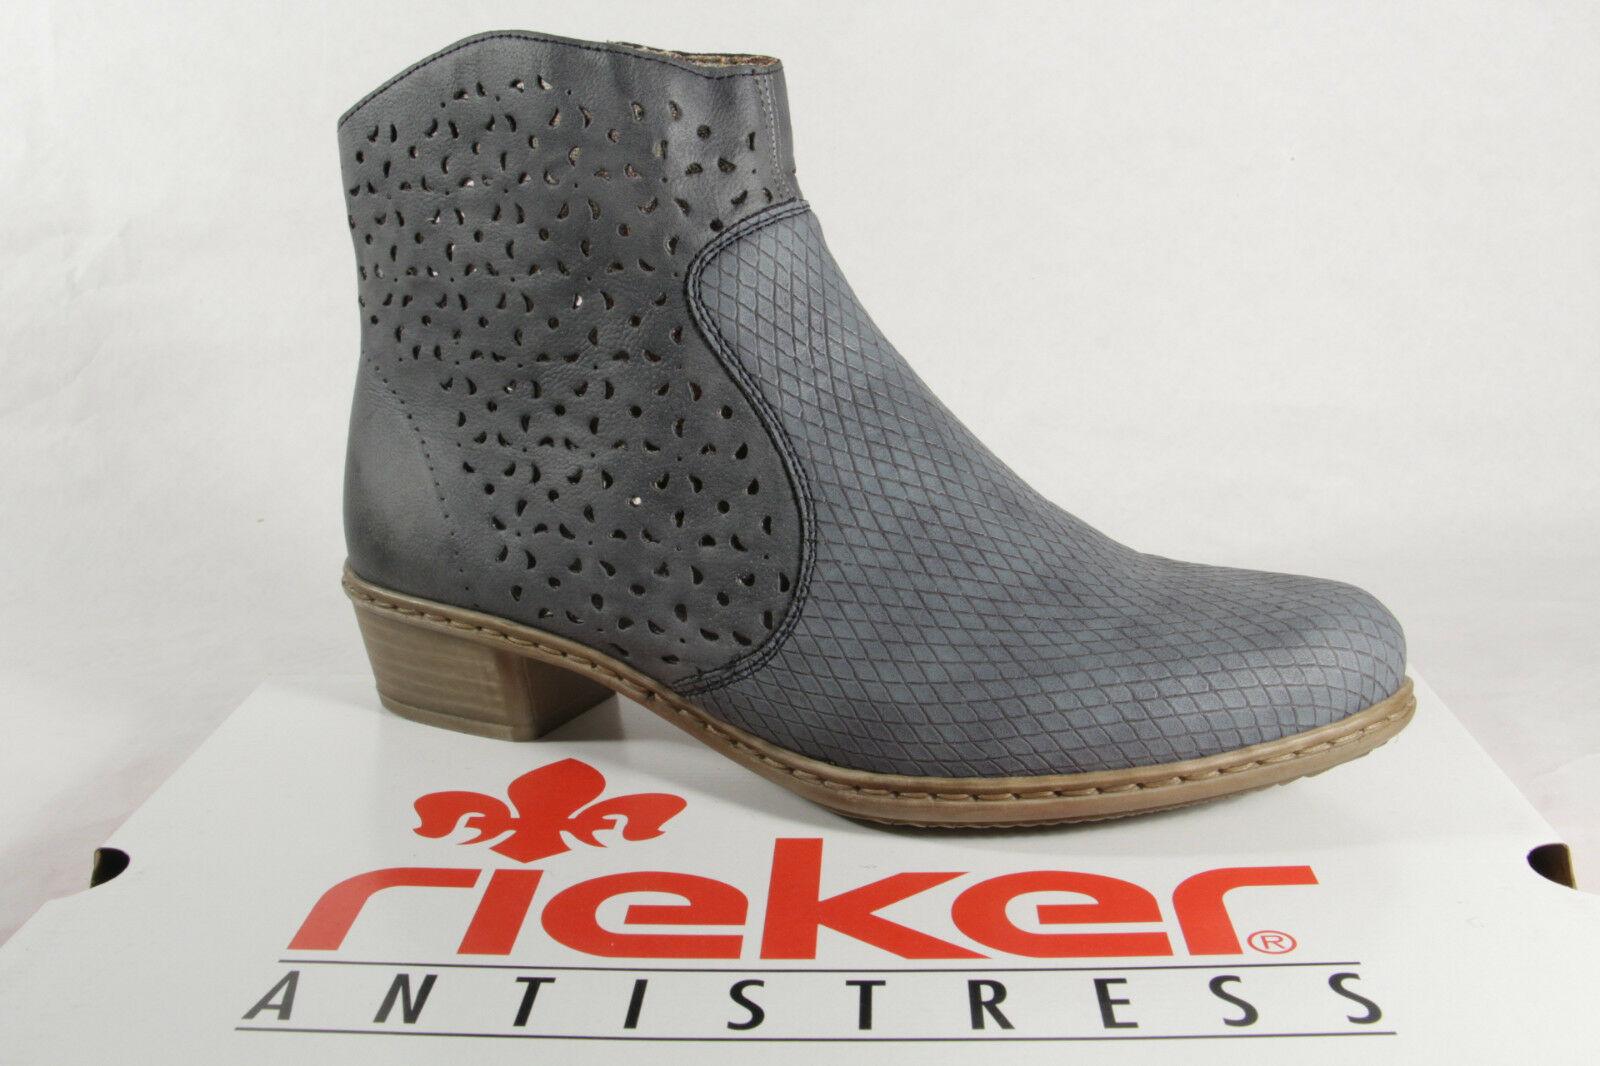 Rieker Stiefelette Damen Stiefel Y0766 Blau mnNwv80O